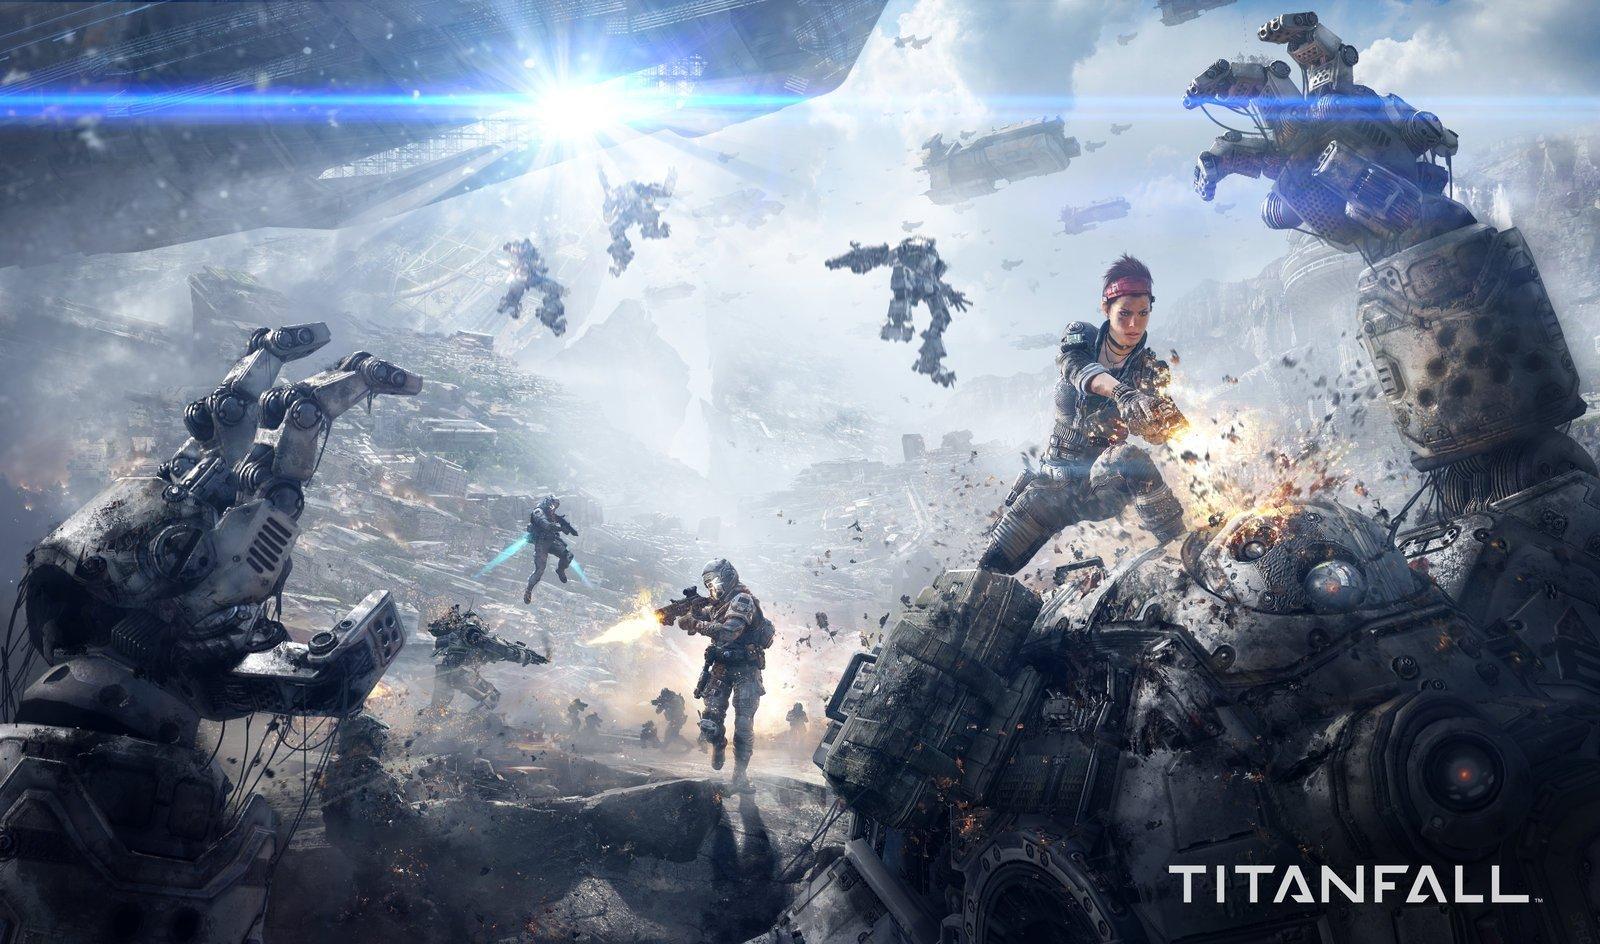 Titanfall Game Informer Magazine Cover Art